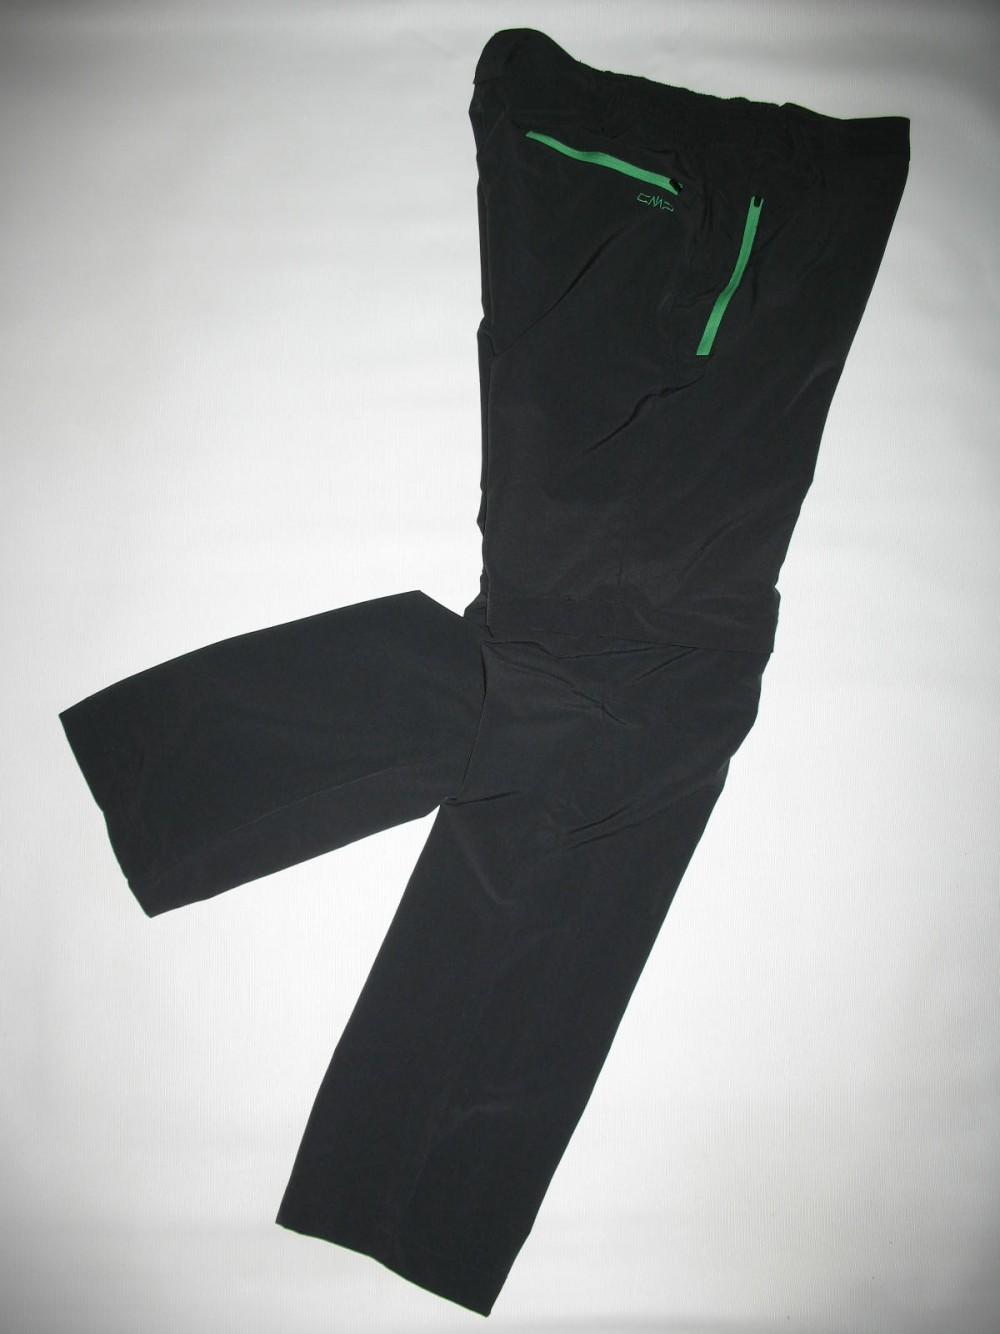 Штаны CMP 2in1 outdoor pants (размер 50-L) - 3